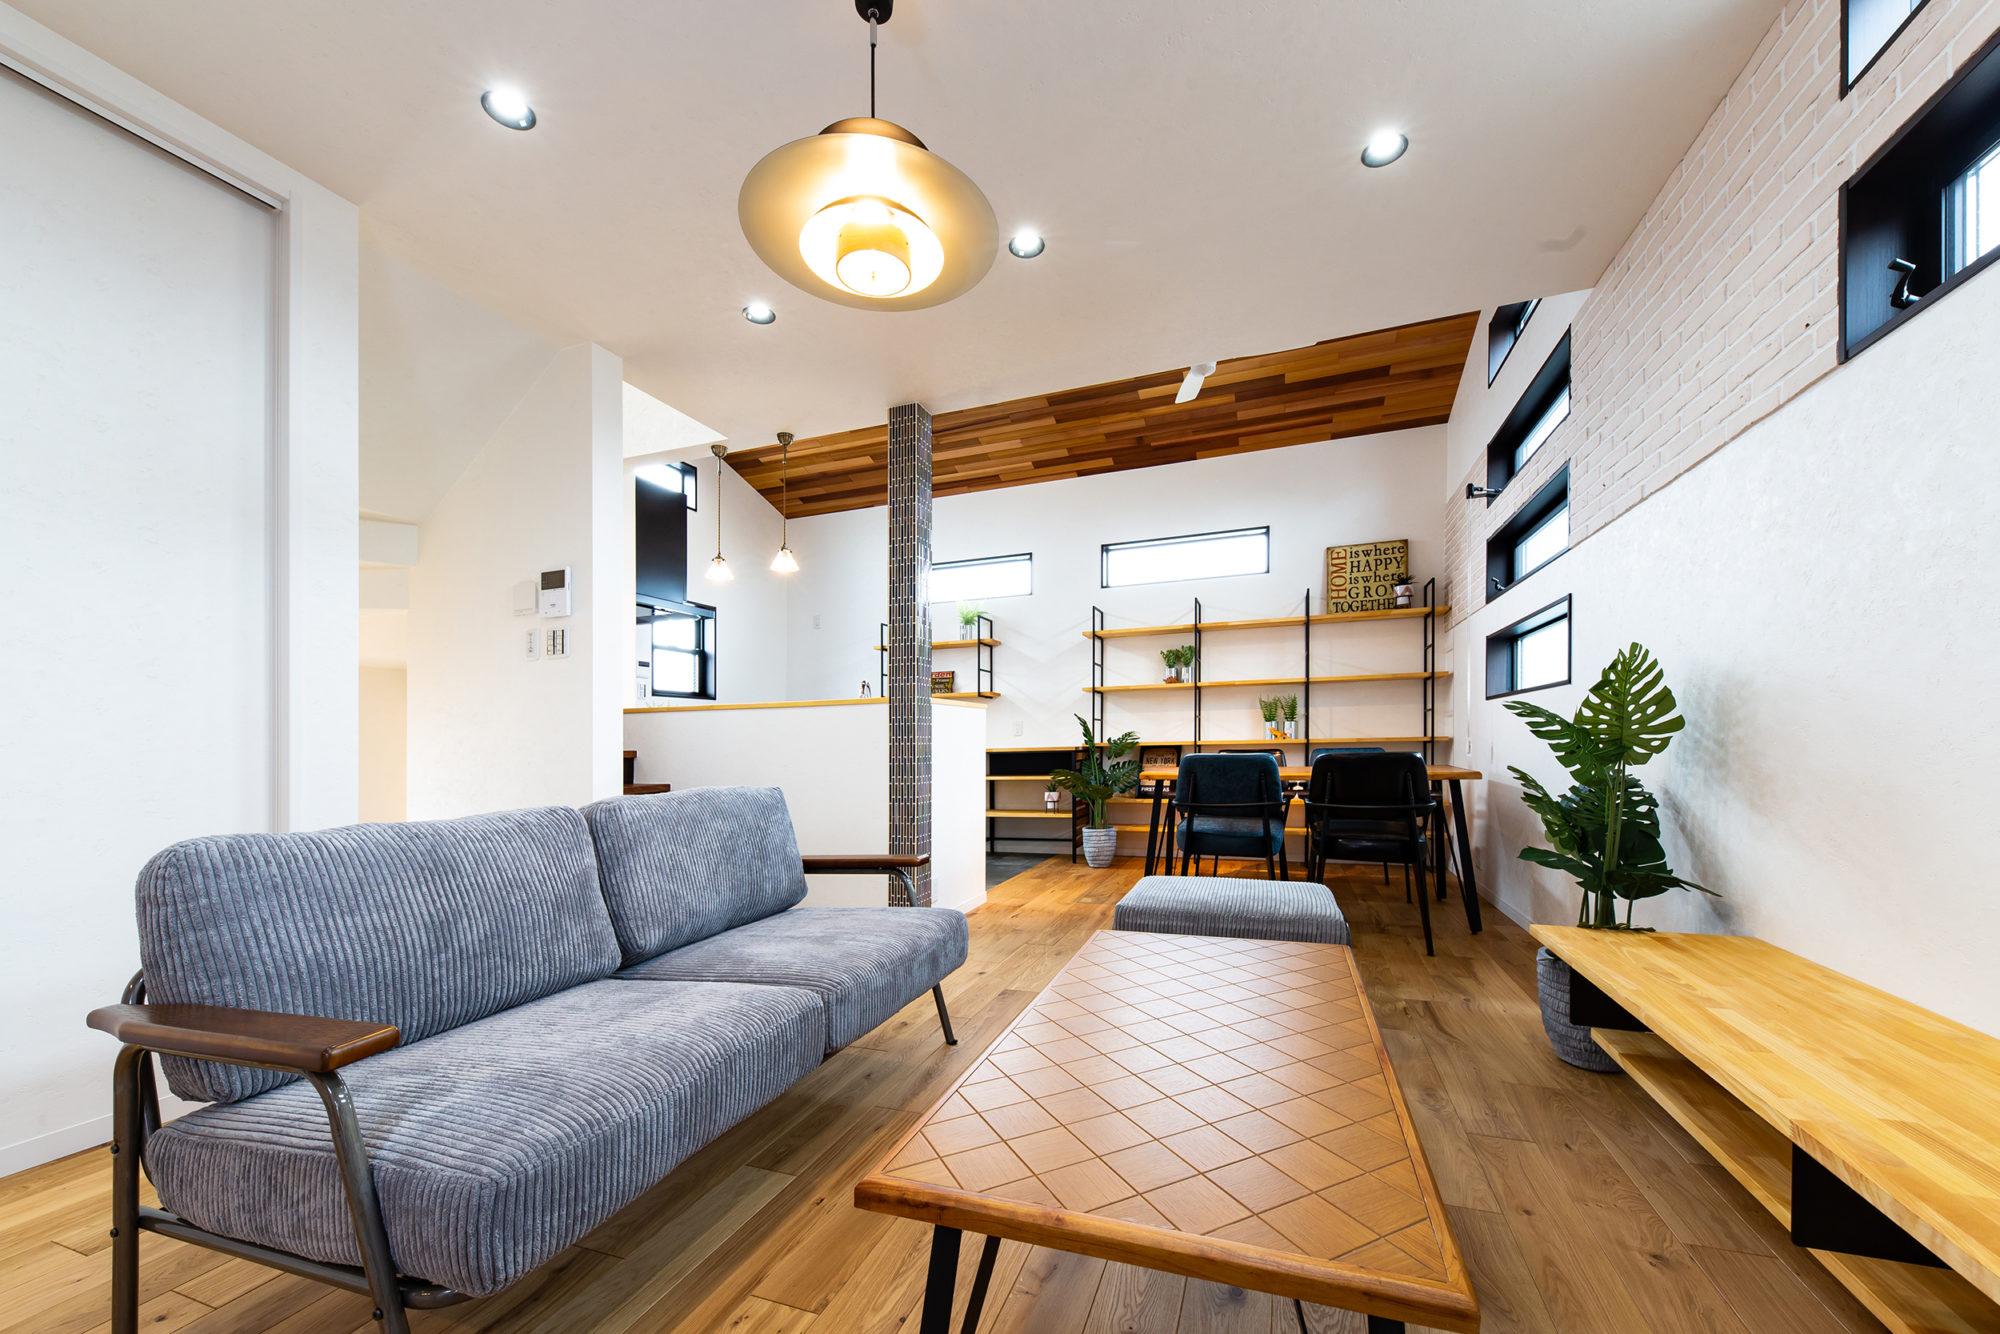 収納スペースと飾り棚がたくさんあるお家